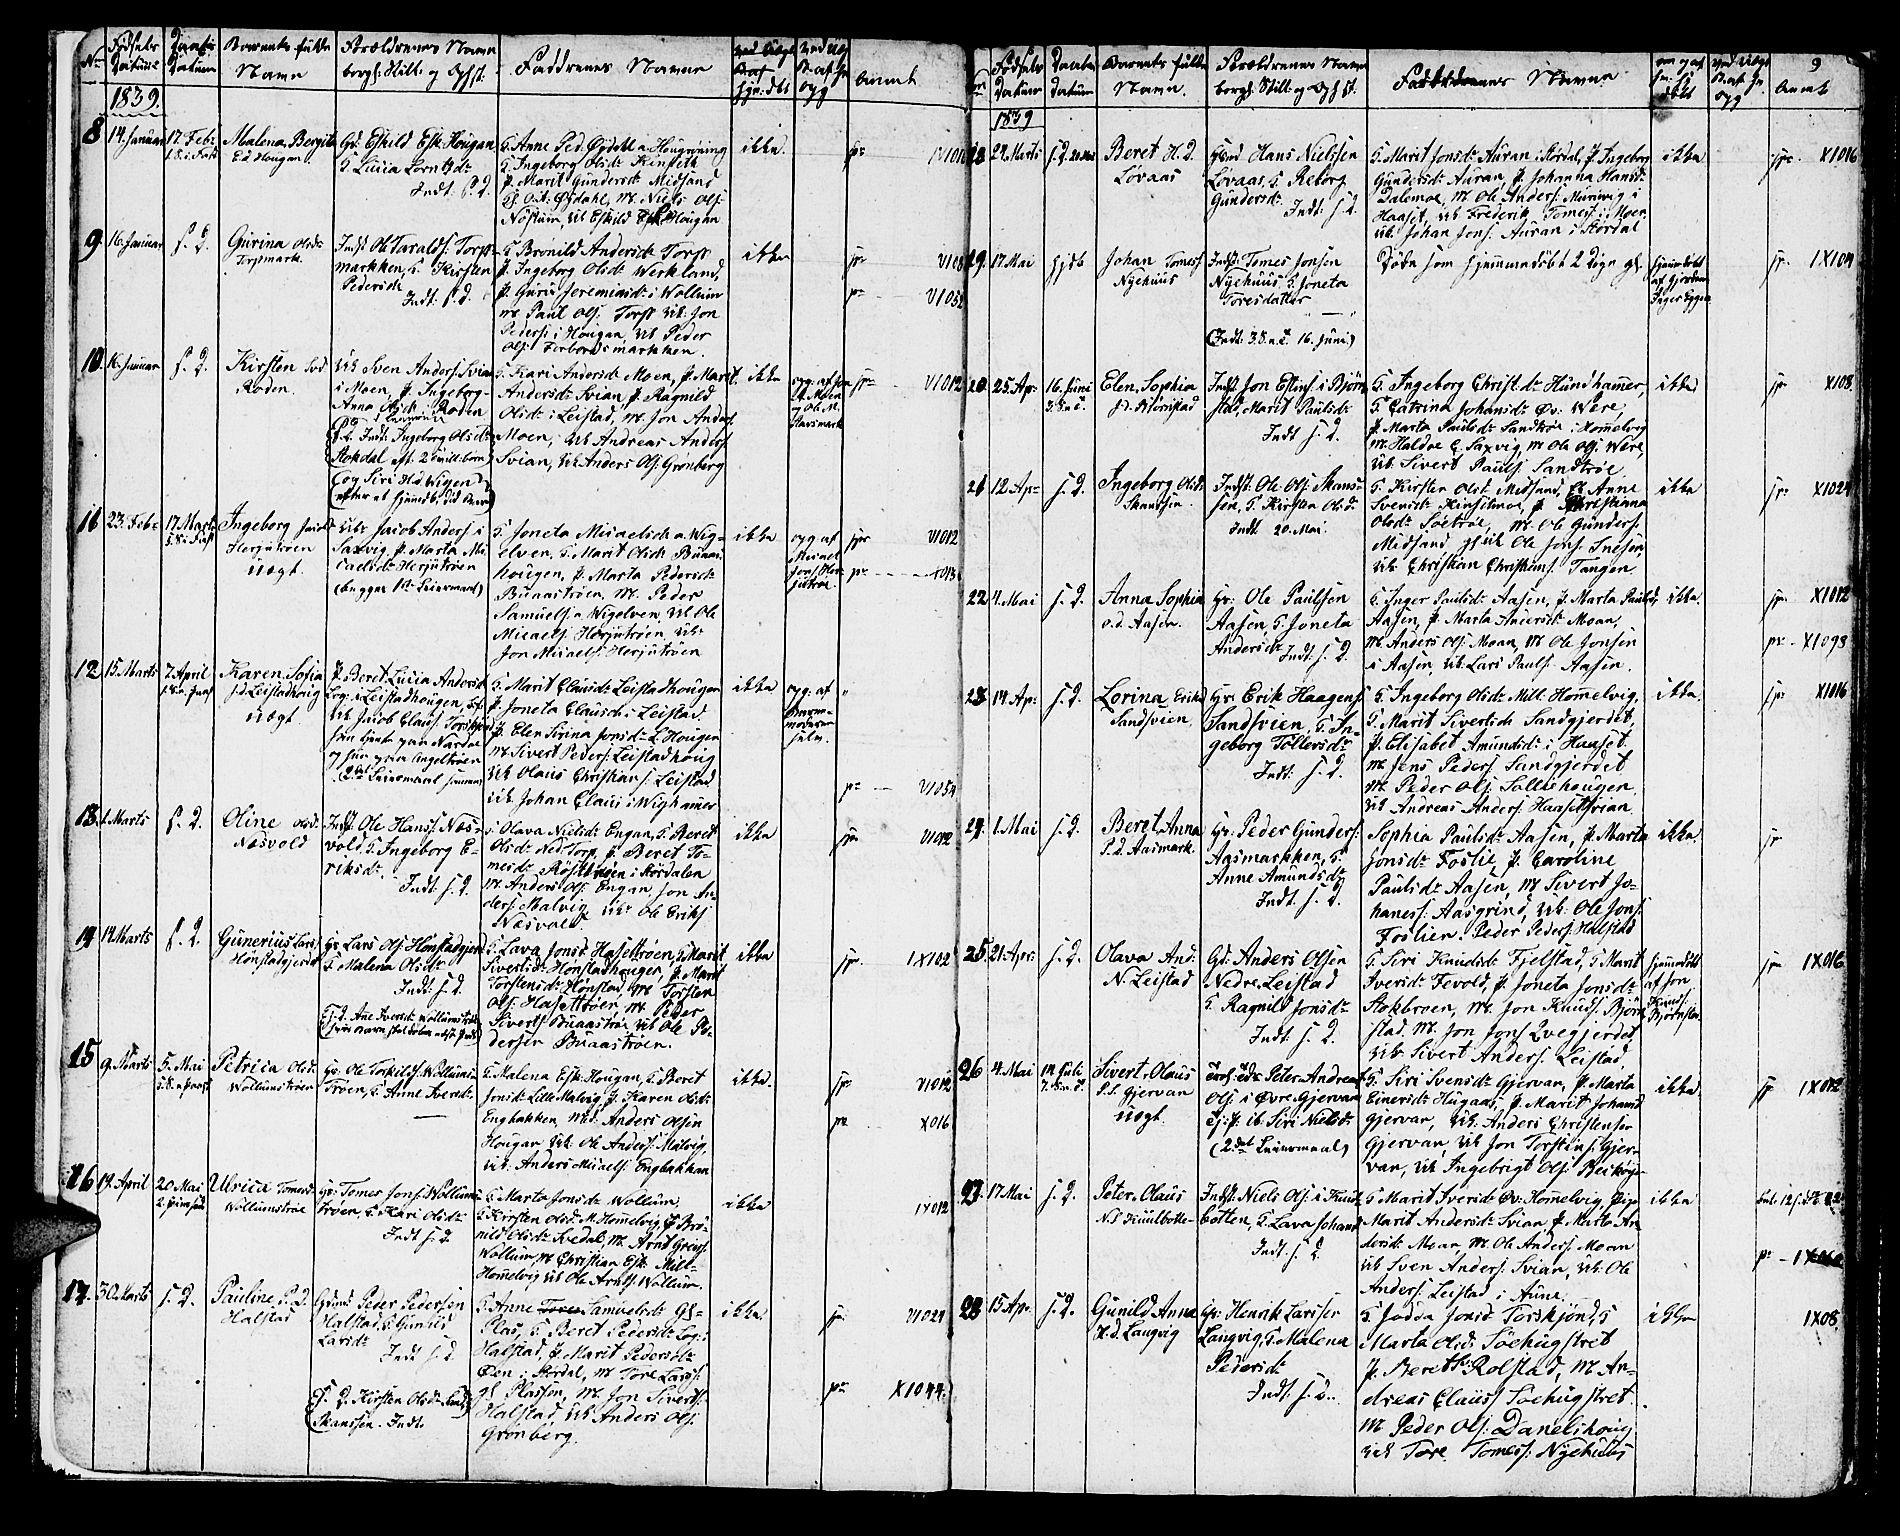 SAT, Ministerialprotokoller, klokkerbøker og fødselsregistre - Sør-Trøndelag, 616/L0421: Klokkerbok nr. 616C04, 1834-1850, s. 9